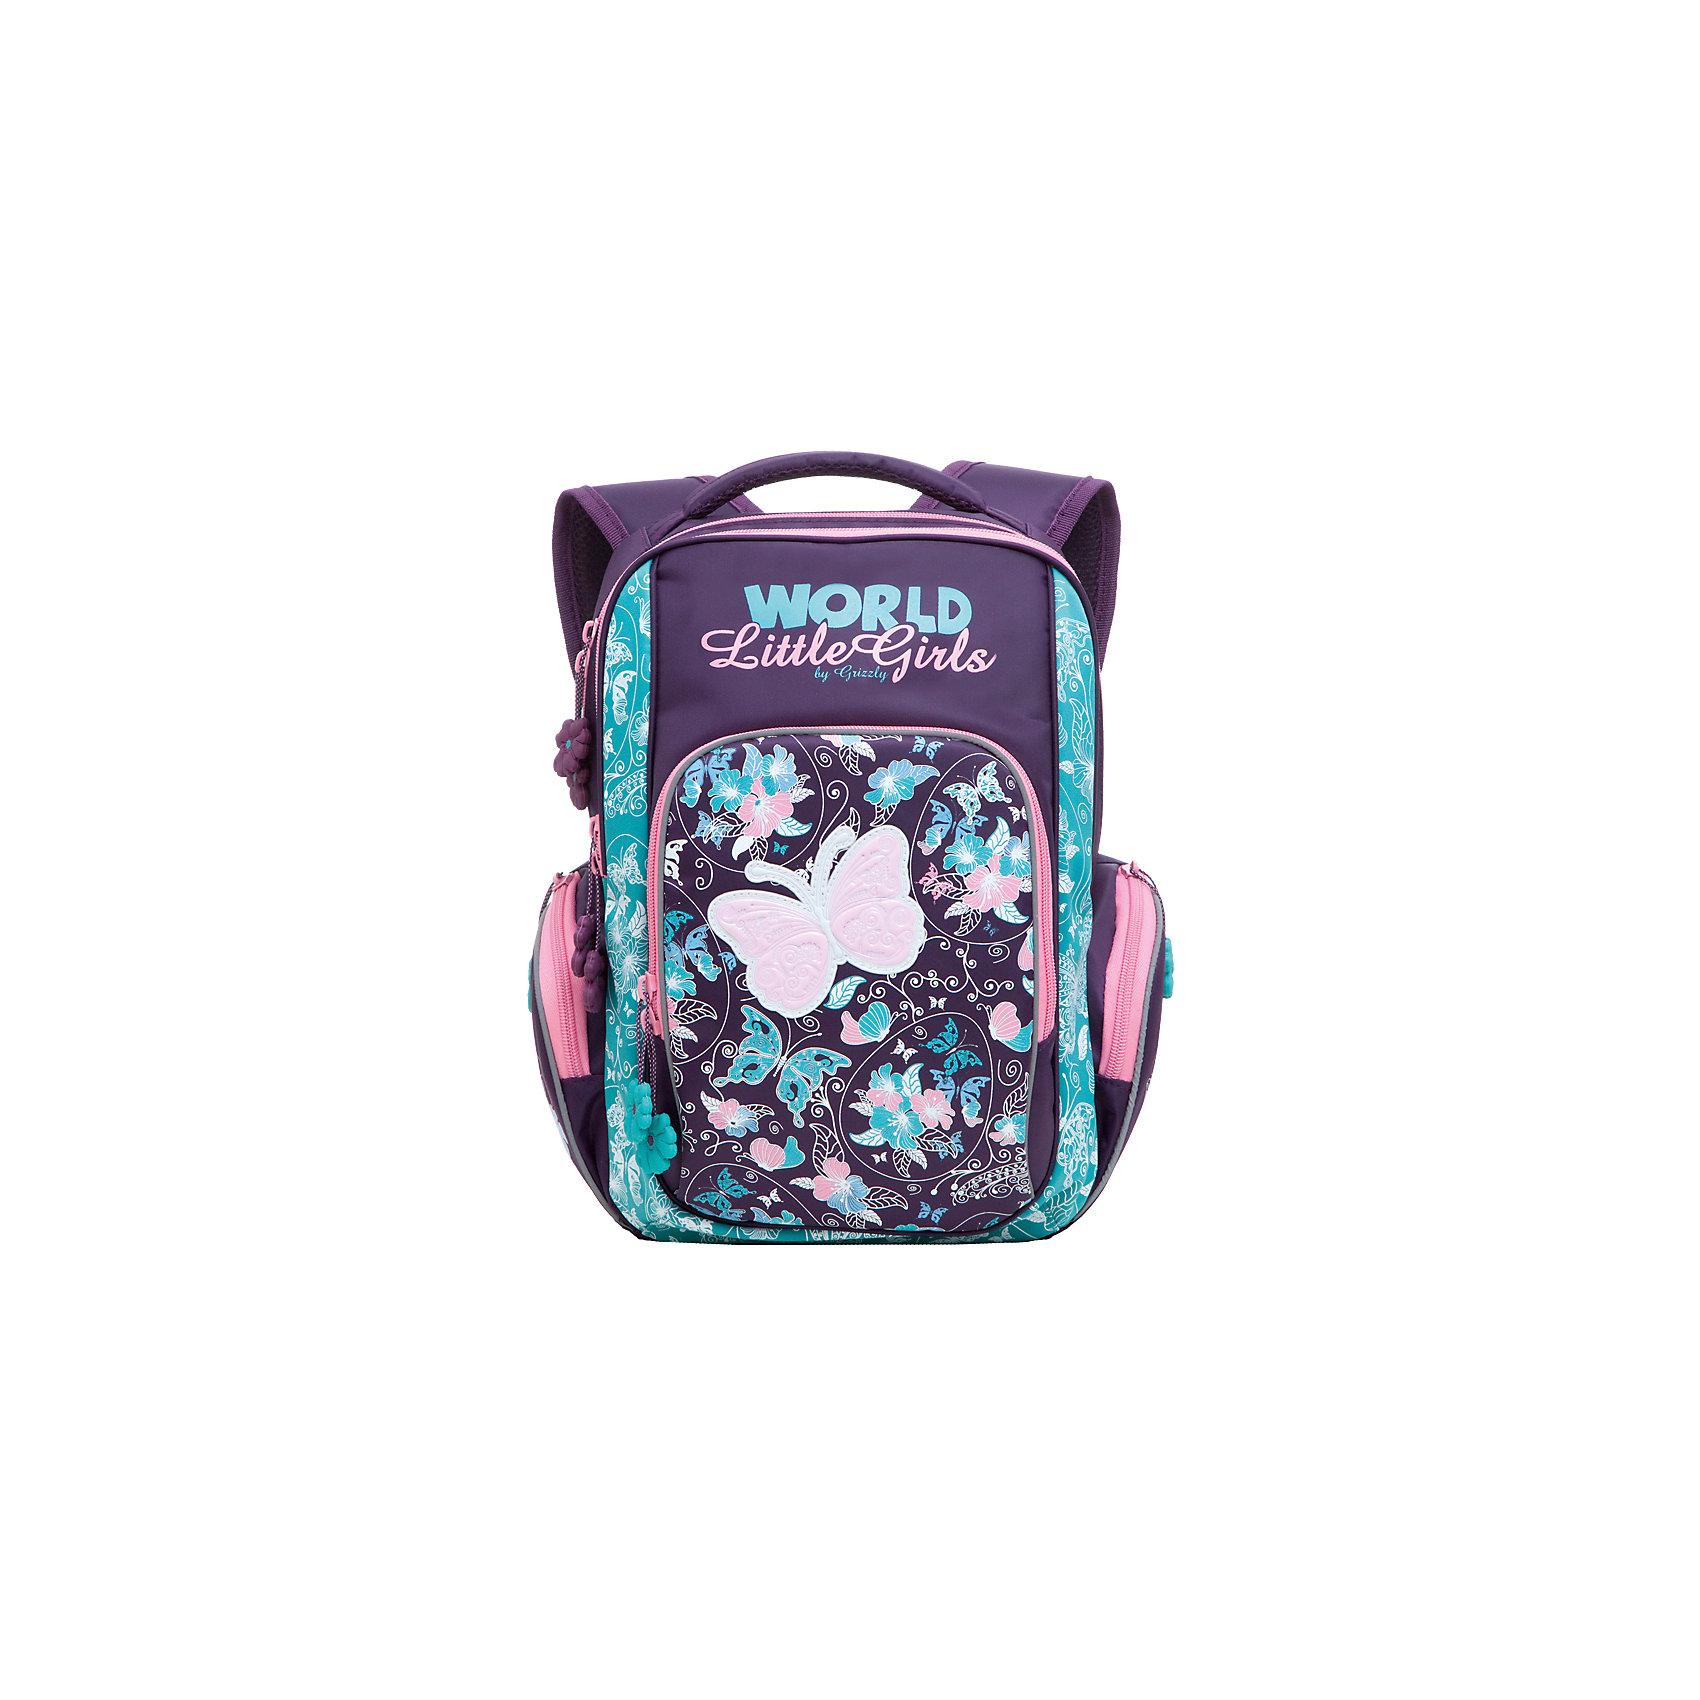 Школьный рюкзак, бирюзово-фиолетовыйШкольный рюкзак, бирюзово-фиолетовый, Grizzly (Гризли) ? рюкзак отечественного бренда Гризли школьной серии.  Рюкзак  выполнен из нейлона высокого качества, что обеспечивает, с одной стороны, легкий вес, а с другой ? надежность и прочность. Все швы выполнены капроновыми нитками, что делает швы особенно крепкими и устойчивыми к износу даже в течение нескольких лет. <br>Внутреннее устройство рюкзака состоит из двух вместительных отсеков, внутреннего подвесного кармана и кармана на молнии. Также имеется откидное дно, что увеличивает устойчивость рюкзака. На передней стенке имеется объемный карман, застегивающийся на молнию, по бокам – объемные карманы с застежкой-молнией. Удобство и эргономичность рюкзака создается за счет жесткой анатомической спинки, укрепленных лямок и мягкой укрепленной ручки. С четырех сторон рюкзака имеются светоотражающие элементы. Уникальность рюкзаков Grizzly заключается в том, что анатомическая спинка изготовлена из специальной ткани, которая пропускает воздух, тем самым защищает спину от повышенного потоотделения.<br>Все рюкзаки школьной серии Grizzly (Гризли) имеют оригинальный современный дизайн. Школьный рюкзак, бирюзово-фиолетовый, Grizzly (Гризли) выполнен в насыщенном фиолетовом цвете. Передний карман украшен большой яркой аппликацией с бирюзовыми и розовыми цветами.<br>Школьный рюкзак, бирюзово-фиолетовый, Grizzly (Гризли) ? это качество материалов, удобство, стиль и долговечность использования. <br><br>Дополнительная информация:<br><br>- Вес: 870 г<br>- Габариты (Д*Г*В): 27*19*38 см<br>- Цвет: бирюзовый, розовый, фиолетовый<br>- Материал: нейлон <br>- Сезон: круглый год<br>- Коллекция: школьная <br>- Год коллекции: 2016 <br>- Пол: женский<br>- Предназначение: для школы<br>- Особенности ухода: можно чистить влажной щеткой или губкой, допускается ручная стирка<br><br>Подробнее:<br><br>• Для школьников в возрасте: от 6 лет и до 10 лет<br>• Страна производитель: Китай<br>• Торговый бренд: Grizzly<br><b